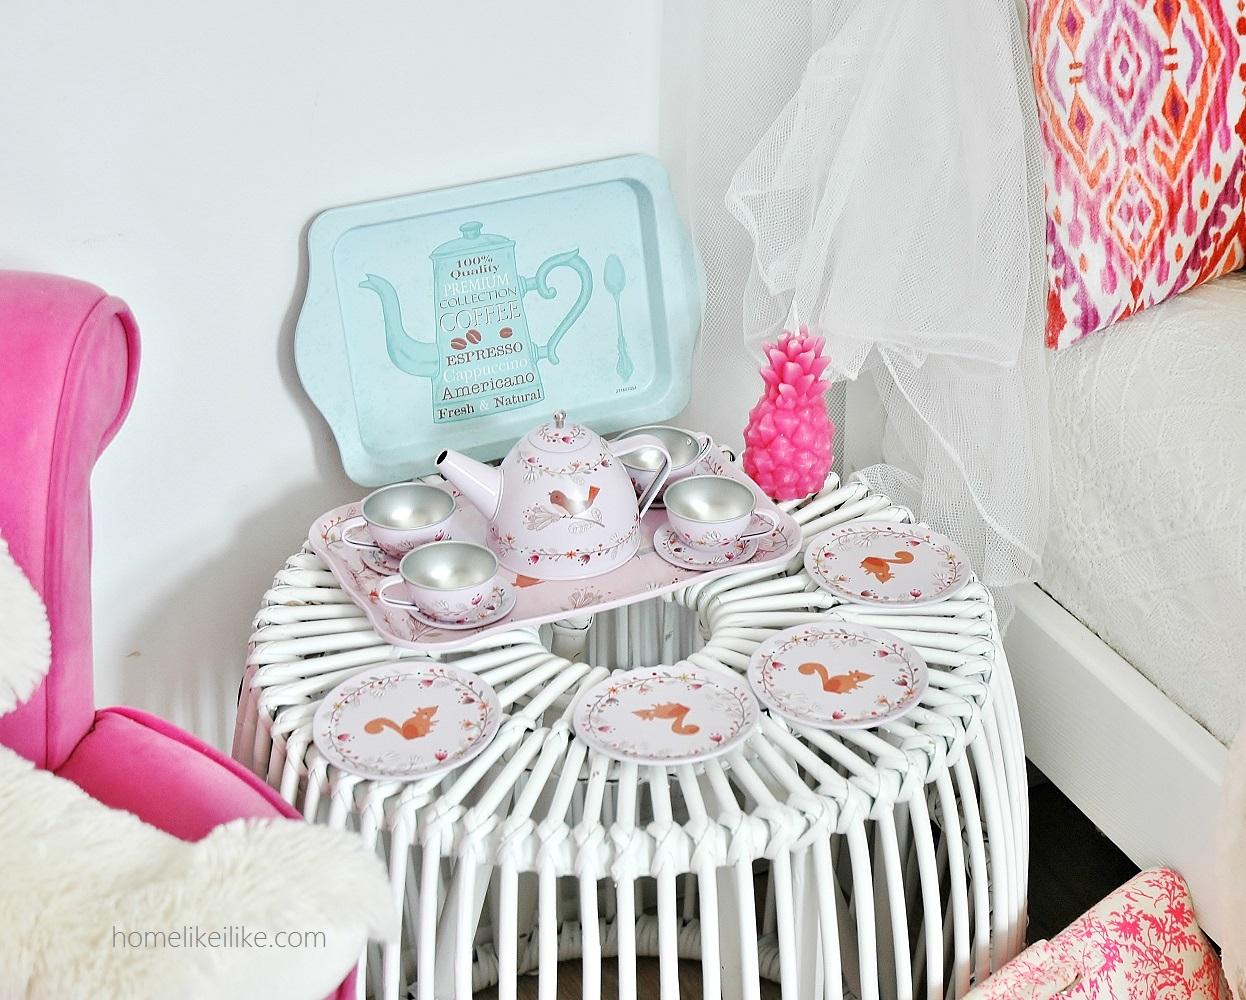 pokój dziewczęcy - homelikeilike.com